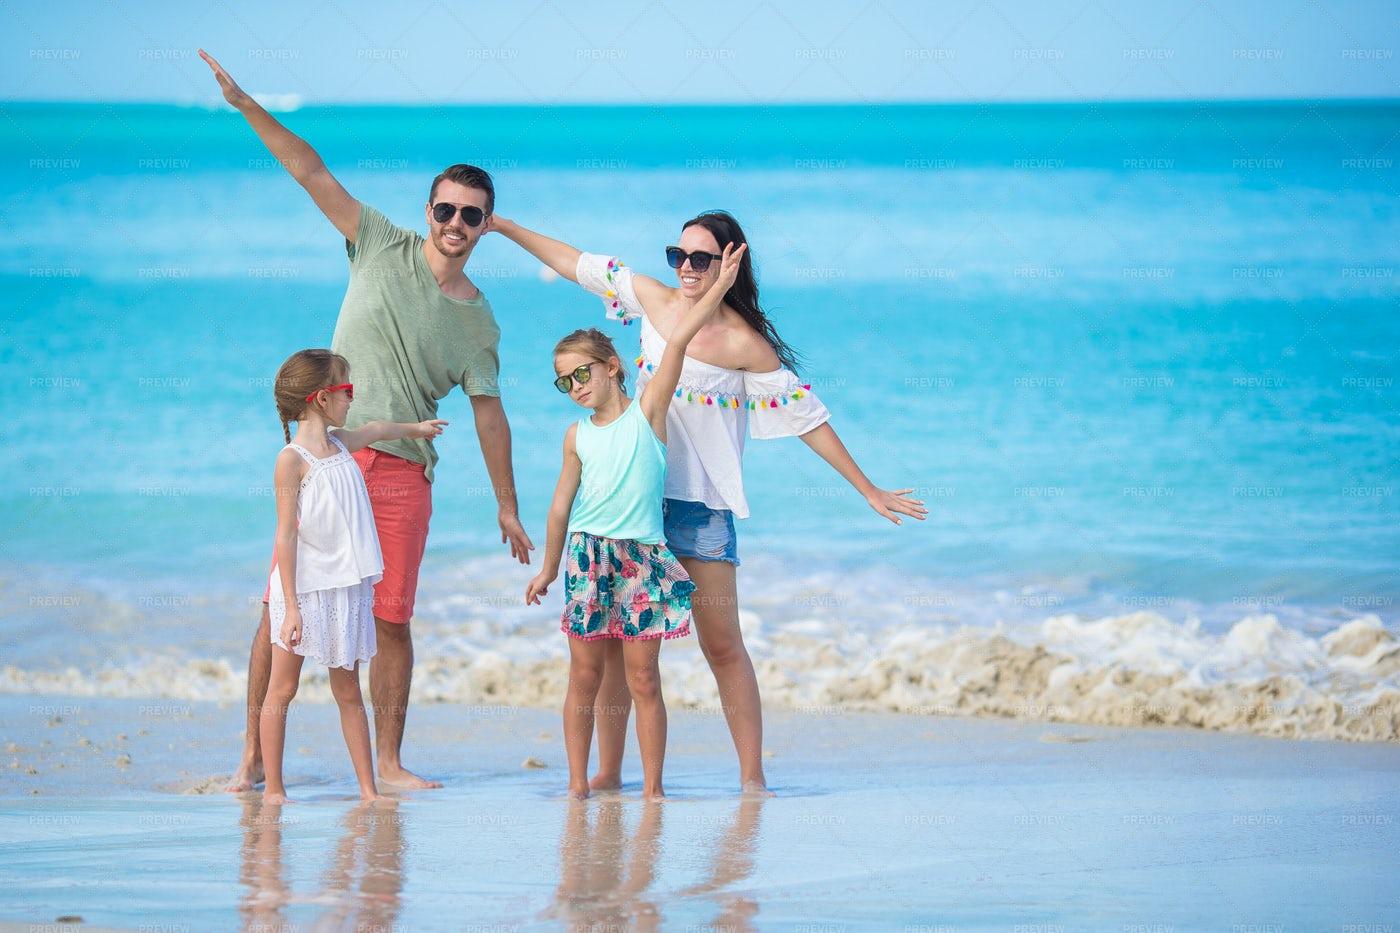 Family Plays On The Beach: Stock Photos